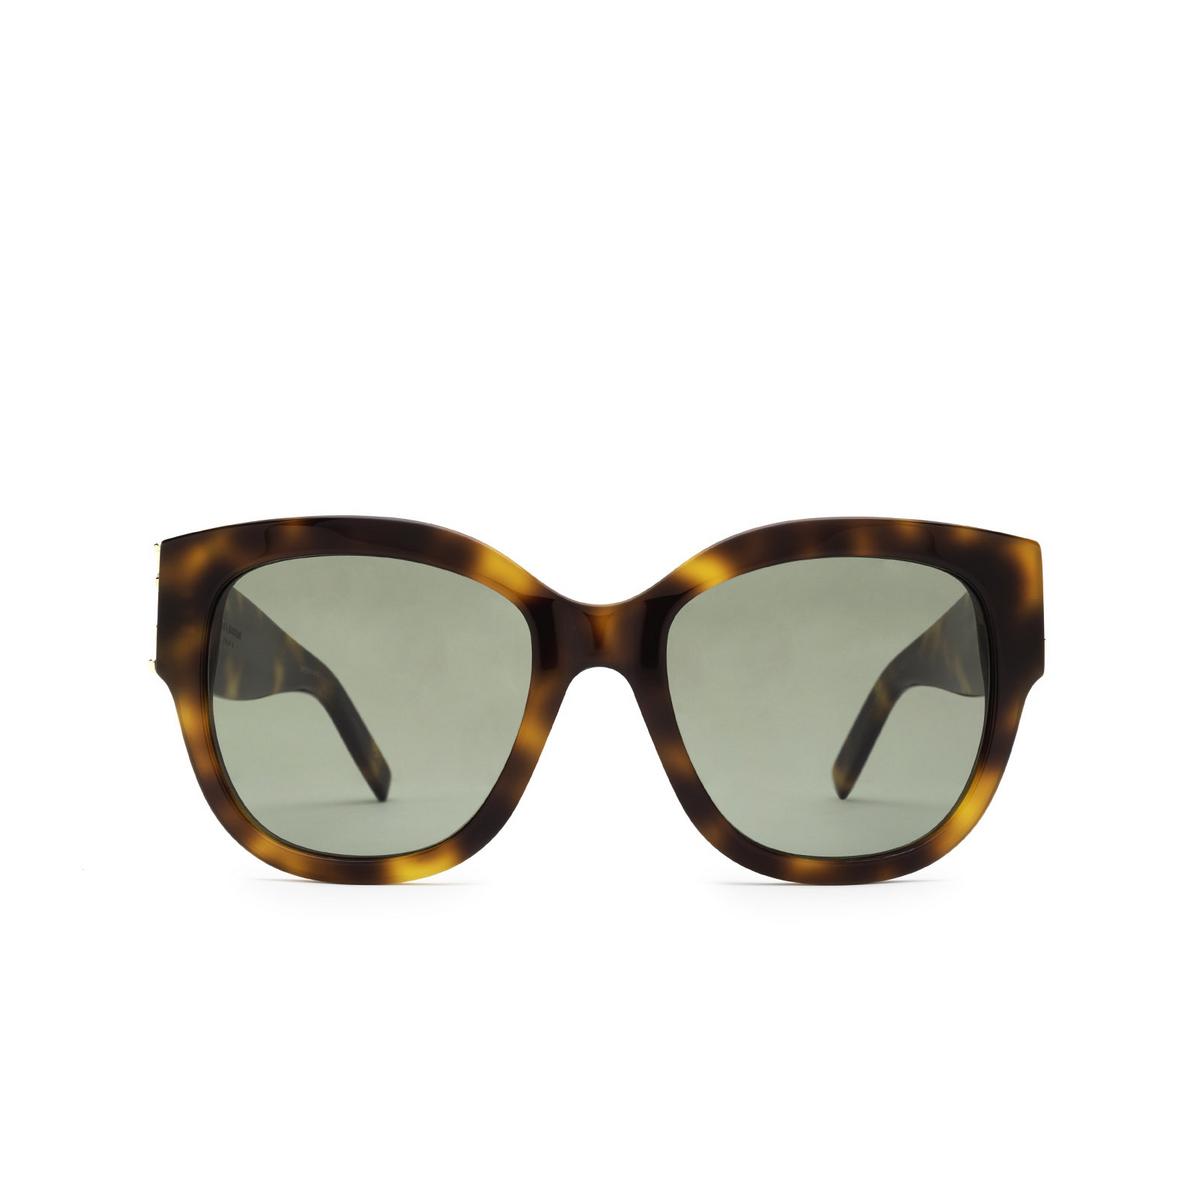 Saint Laurent® Butterfly Sunglasses: SL M95/F color Havana 003 - front view.